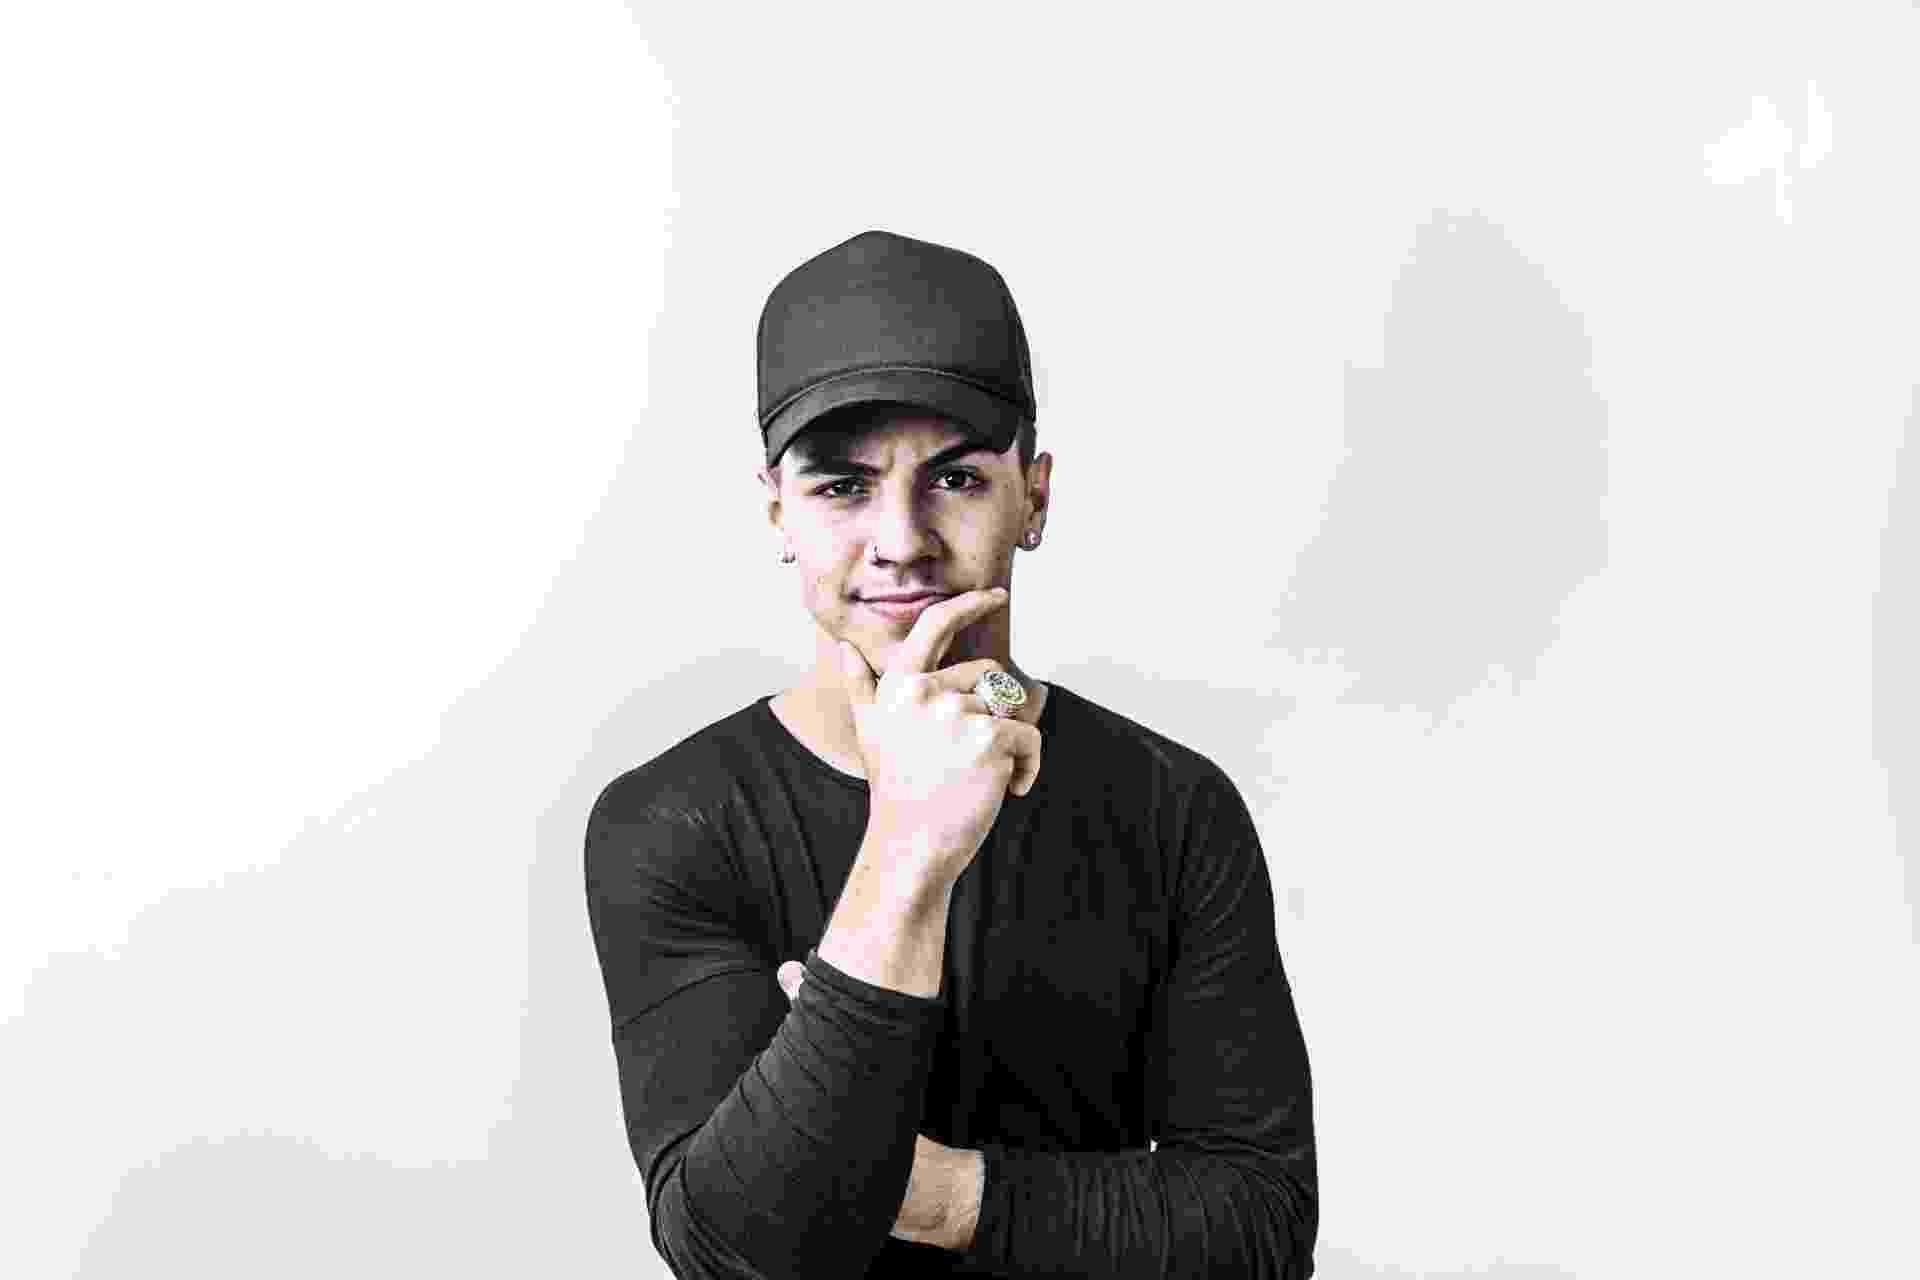 Aos 20 anos, Biel é um fenômeno com milhões de seguidores em suas redes sociais - Lucas Lima/UOL